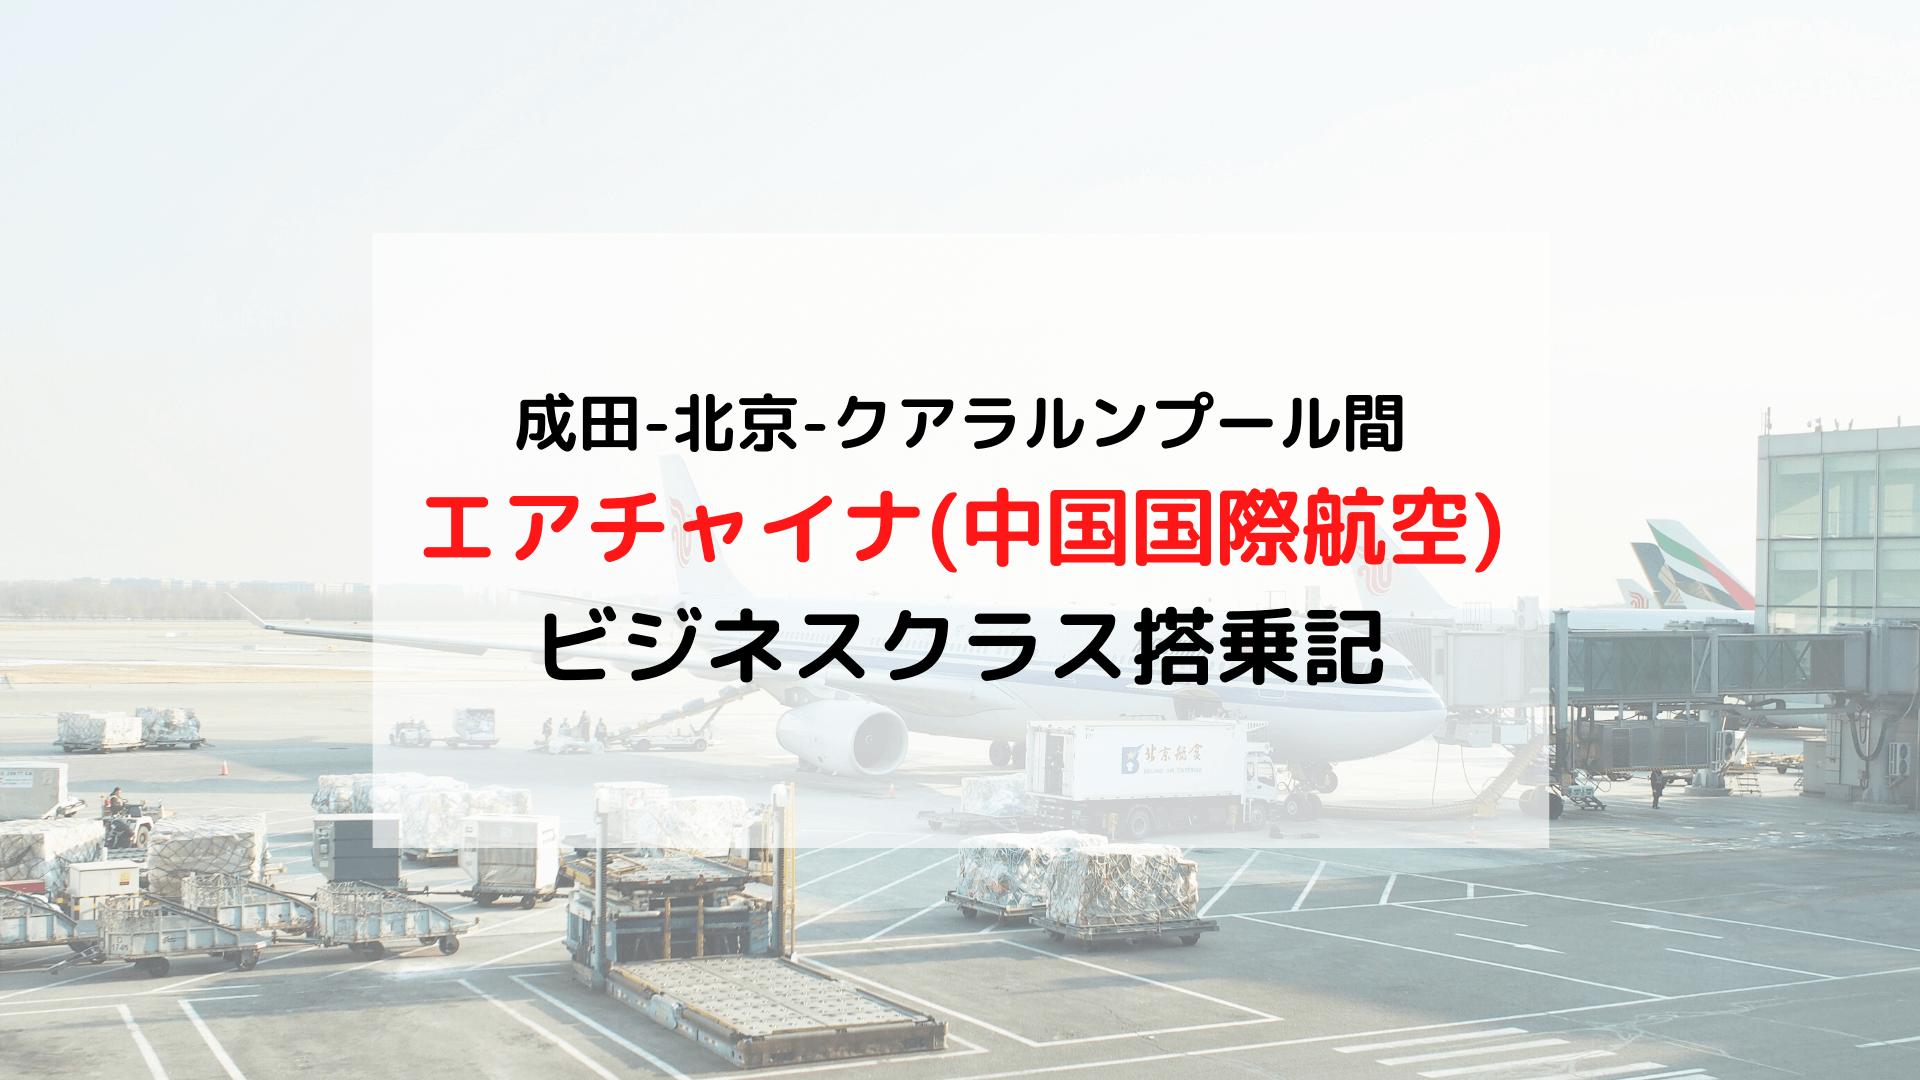 エアチャイナ(中国国際航空) ビジネスクラス搭乗記